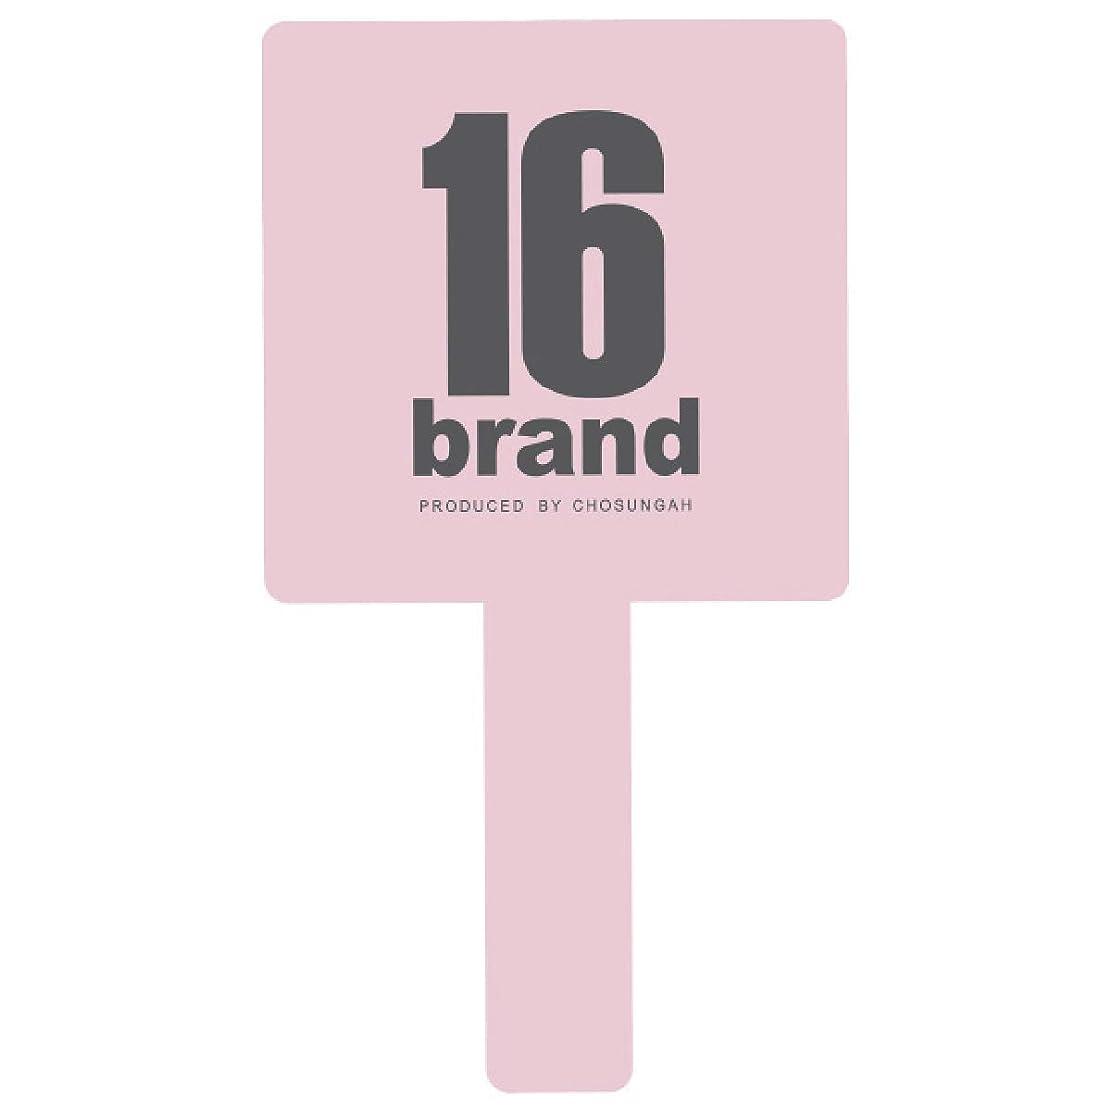 印刷する事前ソート16brand(シックスティーンブランド) GANGS HAND MIRROR(ギャングス ハンドミラー) BABY PINK (1個)